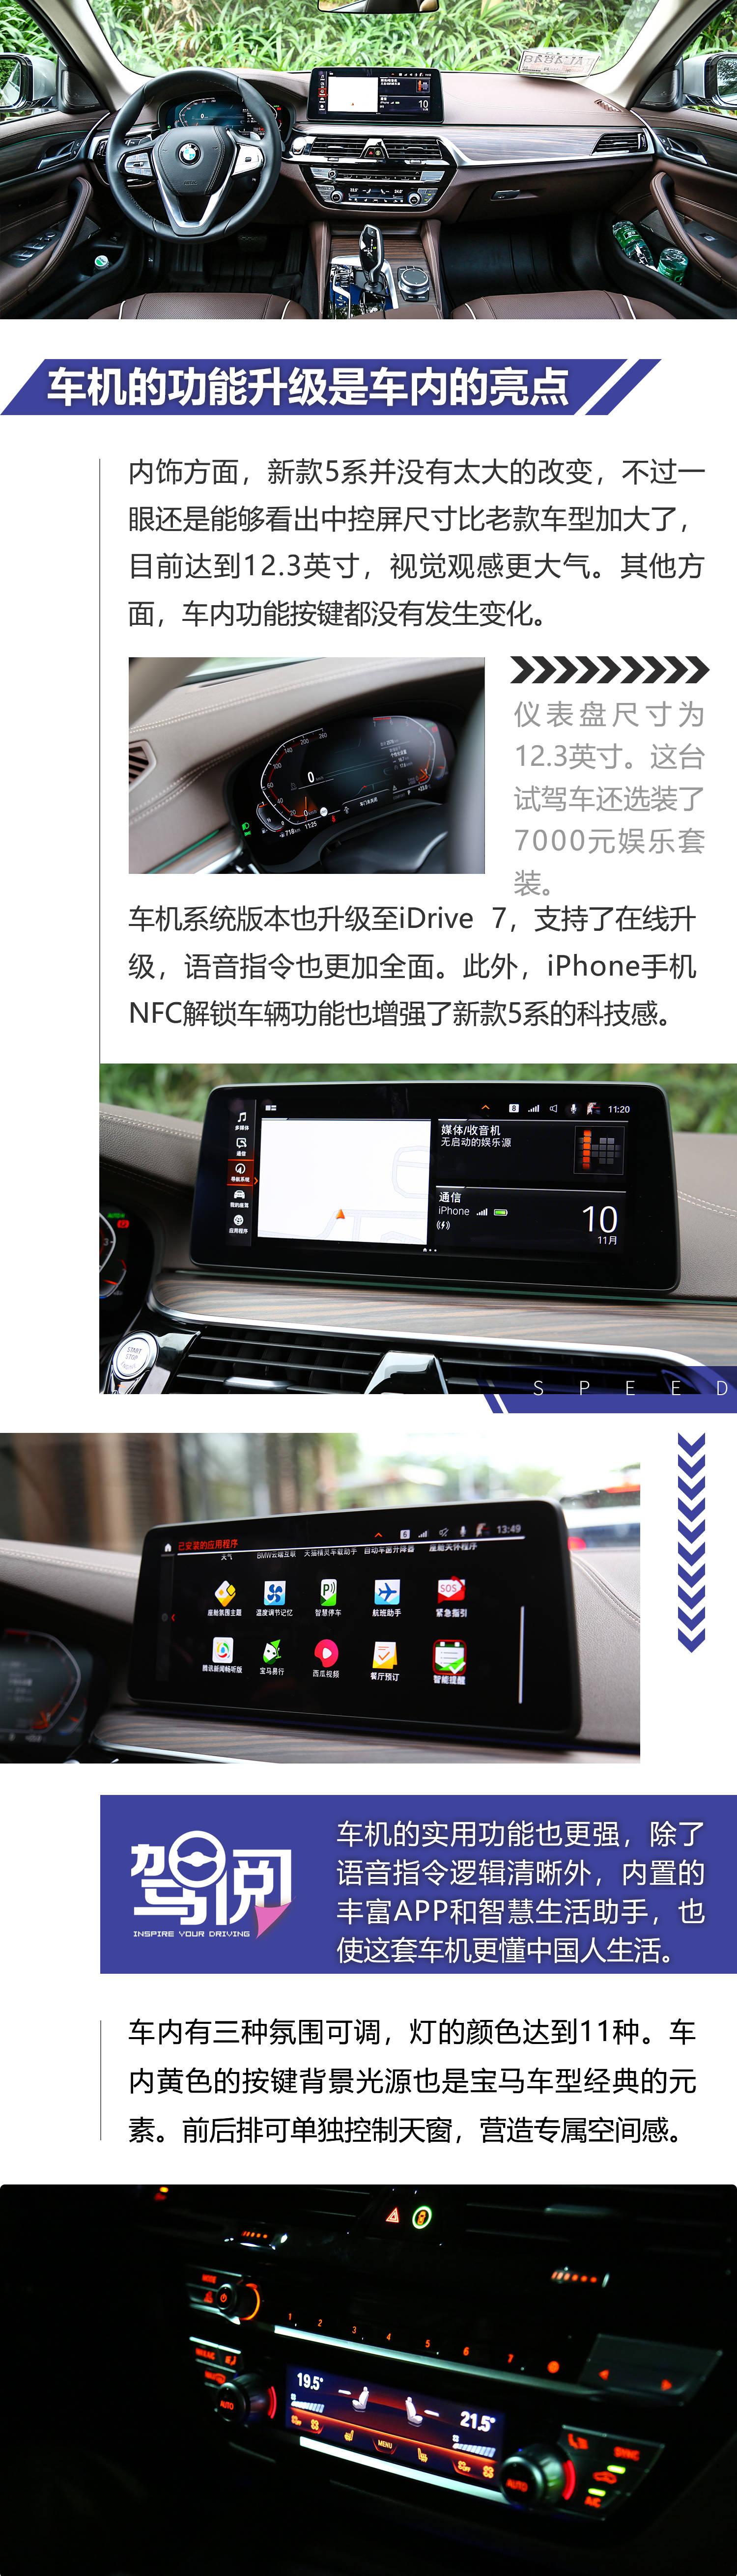 2020广州车展:一汽丰田傲澜正式发布